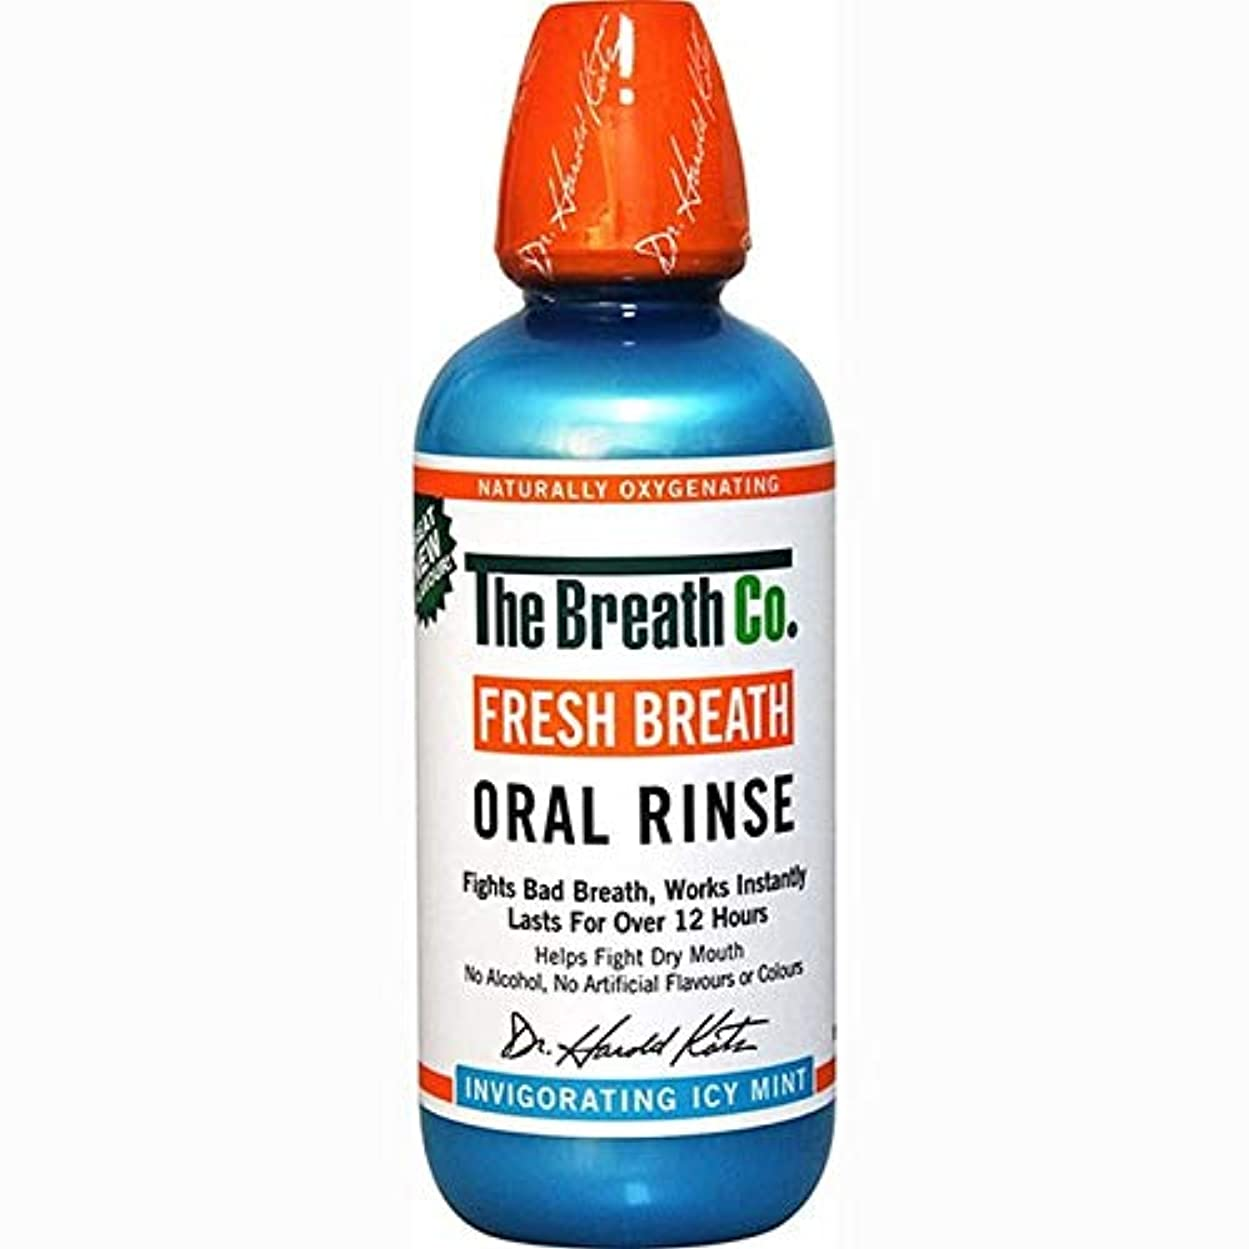 遠足飲み込む調停者[The Breath Co] 息のCo新鮮な息口腔リンス氷のミント500ミリリットル - The Breath Co Fresh Breath Oral Rinse Icy Mint 500ml [並行輸入品]